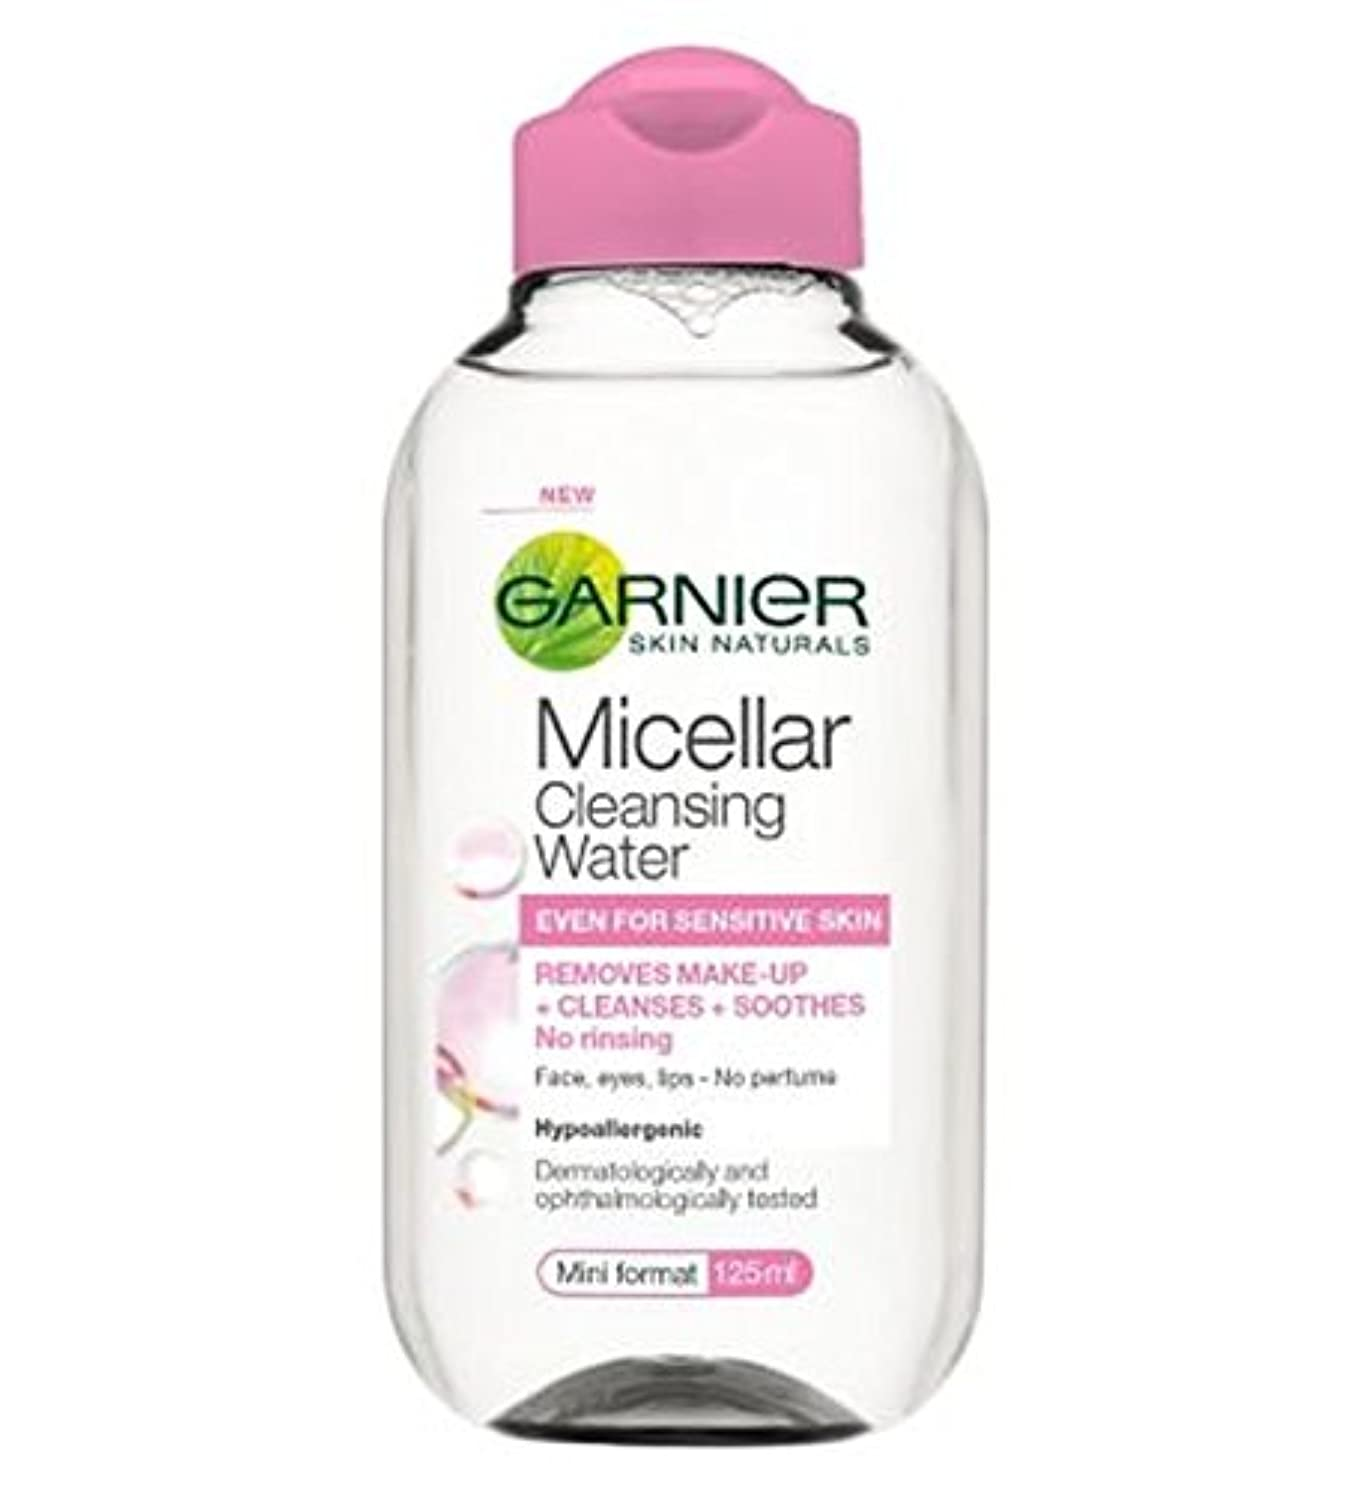 句フルート判定Garnier Micellar Cleansing Water 125ml - ガルニエミセル洗浄水125ミリリットル (Garnier) [並行輸入品]